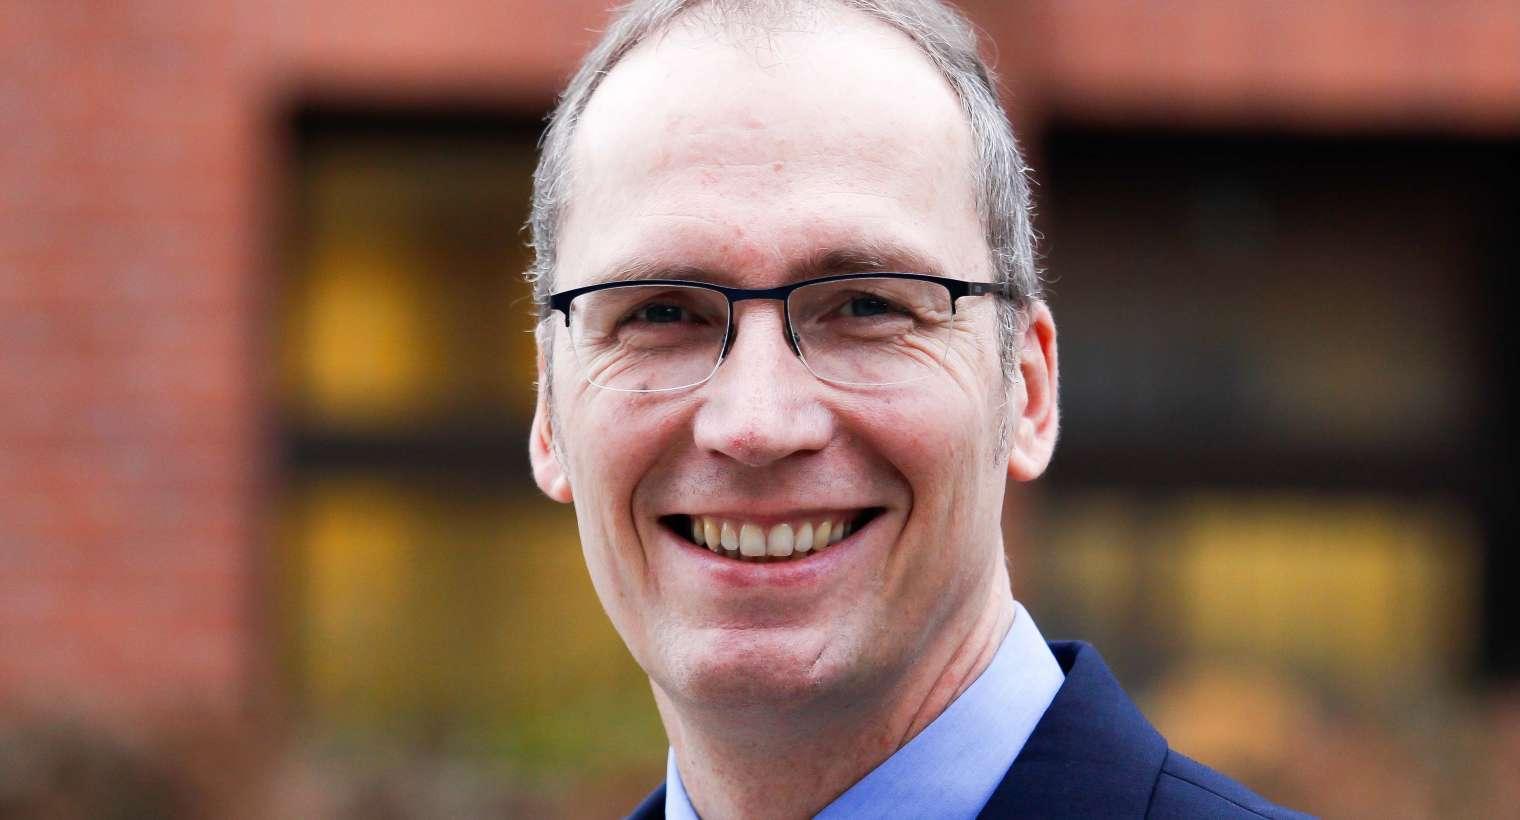 Stefan Denker